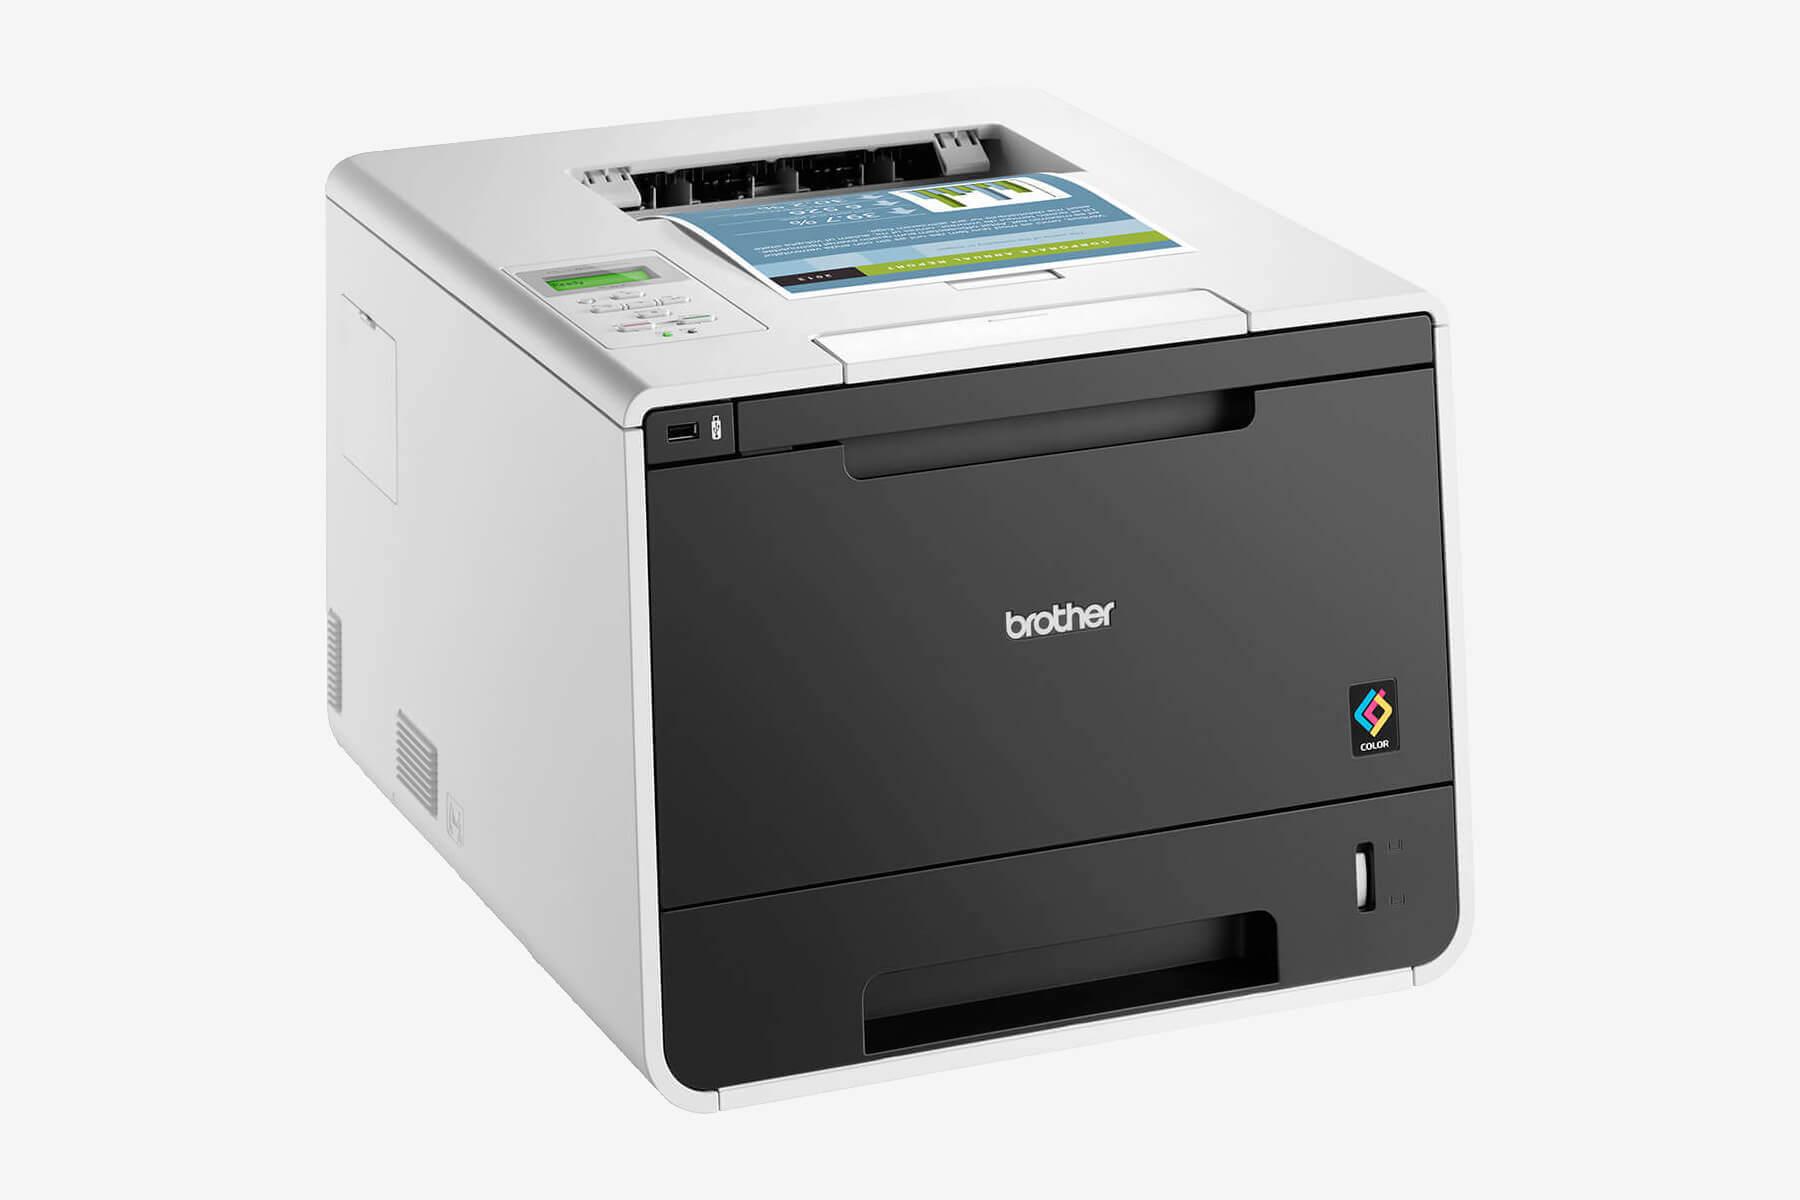 Brother HL-L8350CDW im Test - professioneller Farblaserdrucker mit Duplex & WLAN